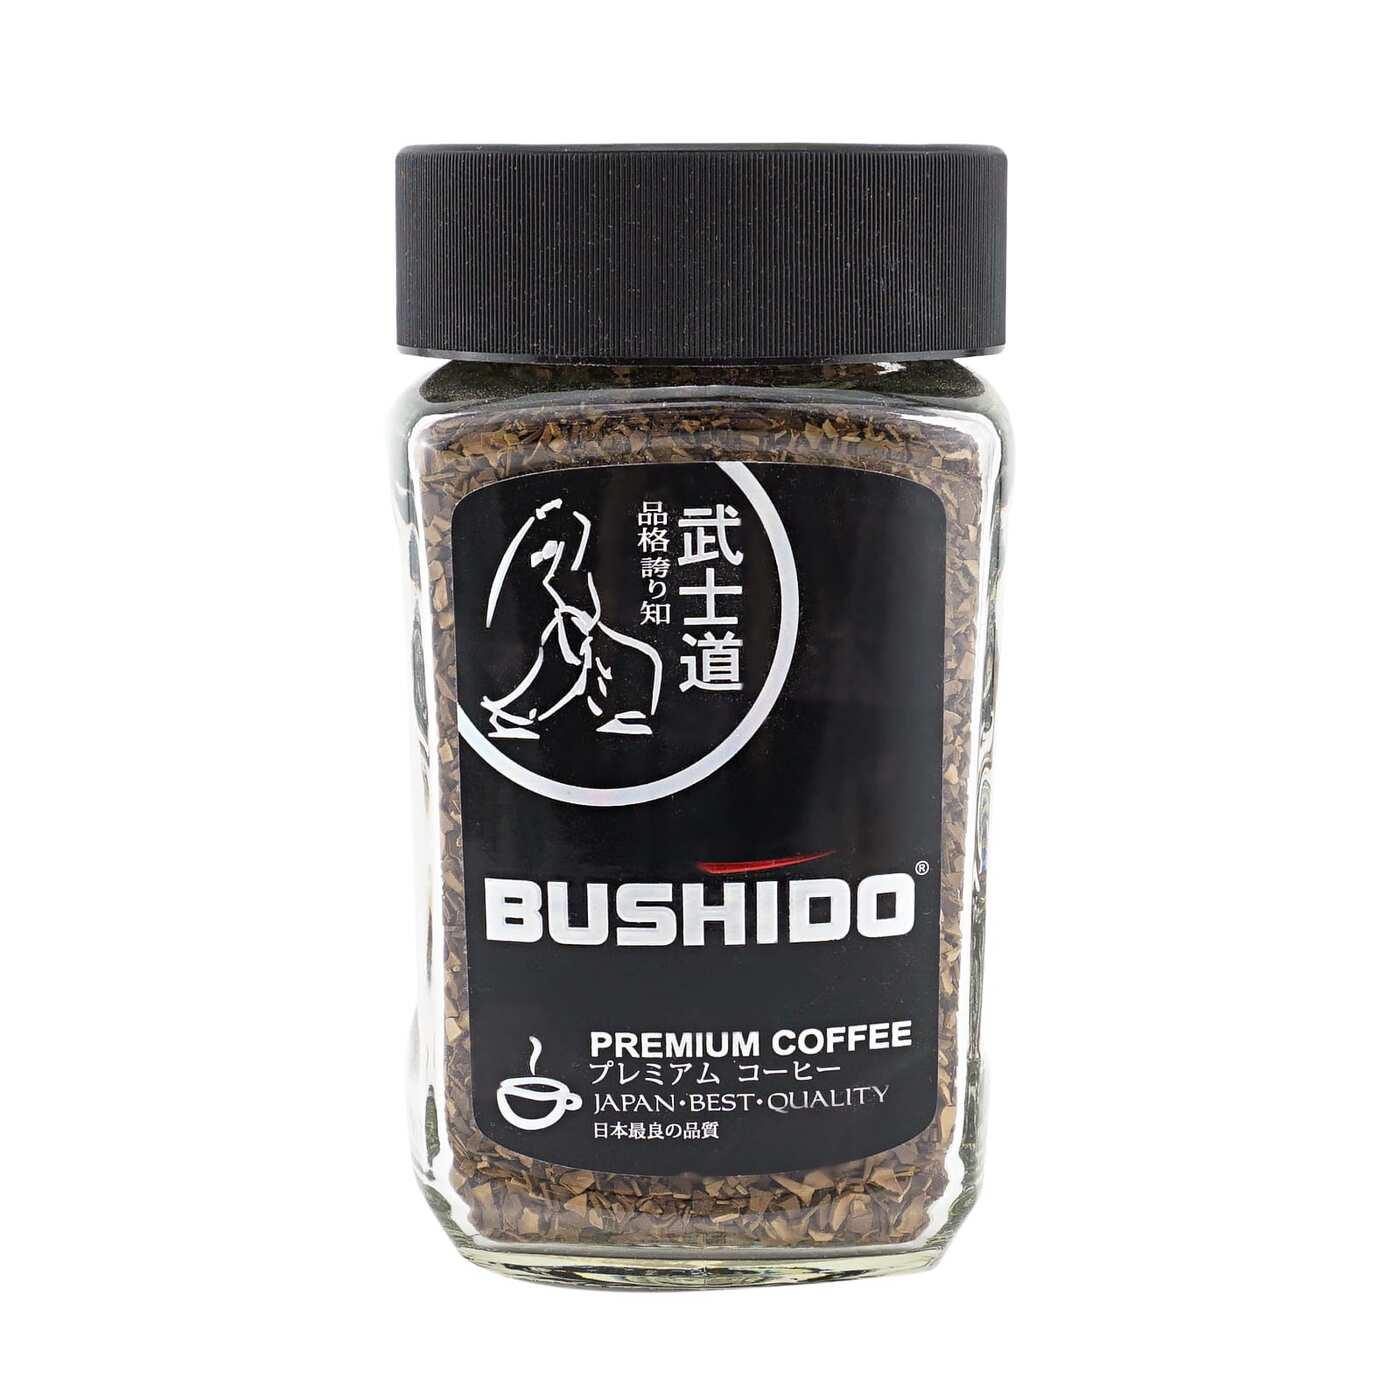 Кофе bushido: разновидности, особенности и интересные факты ☕ кофевед